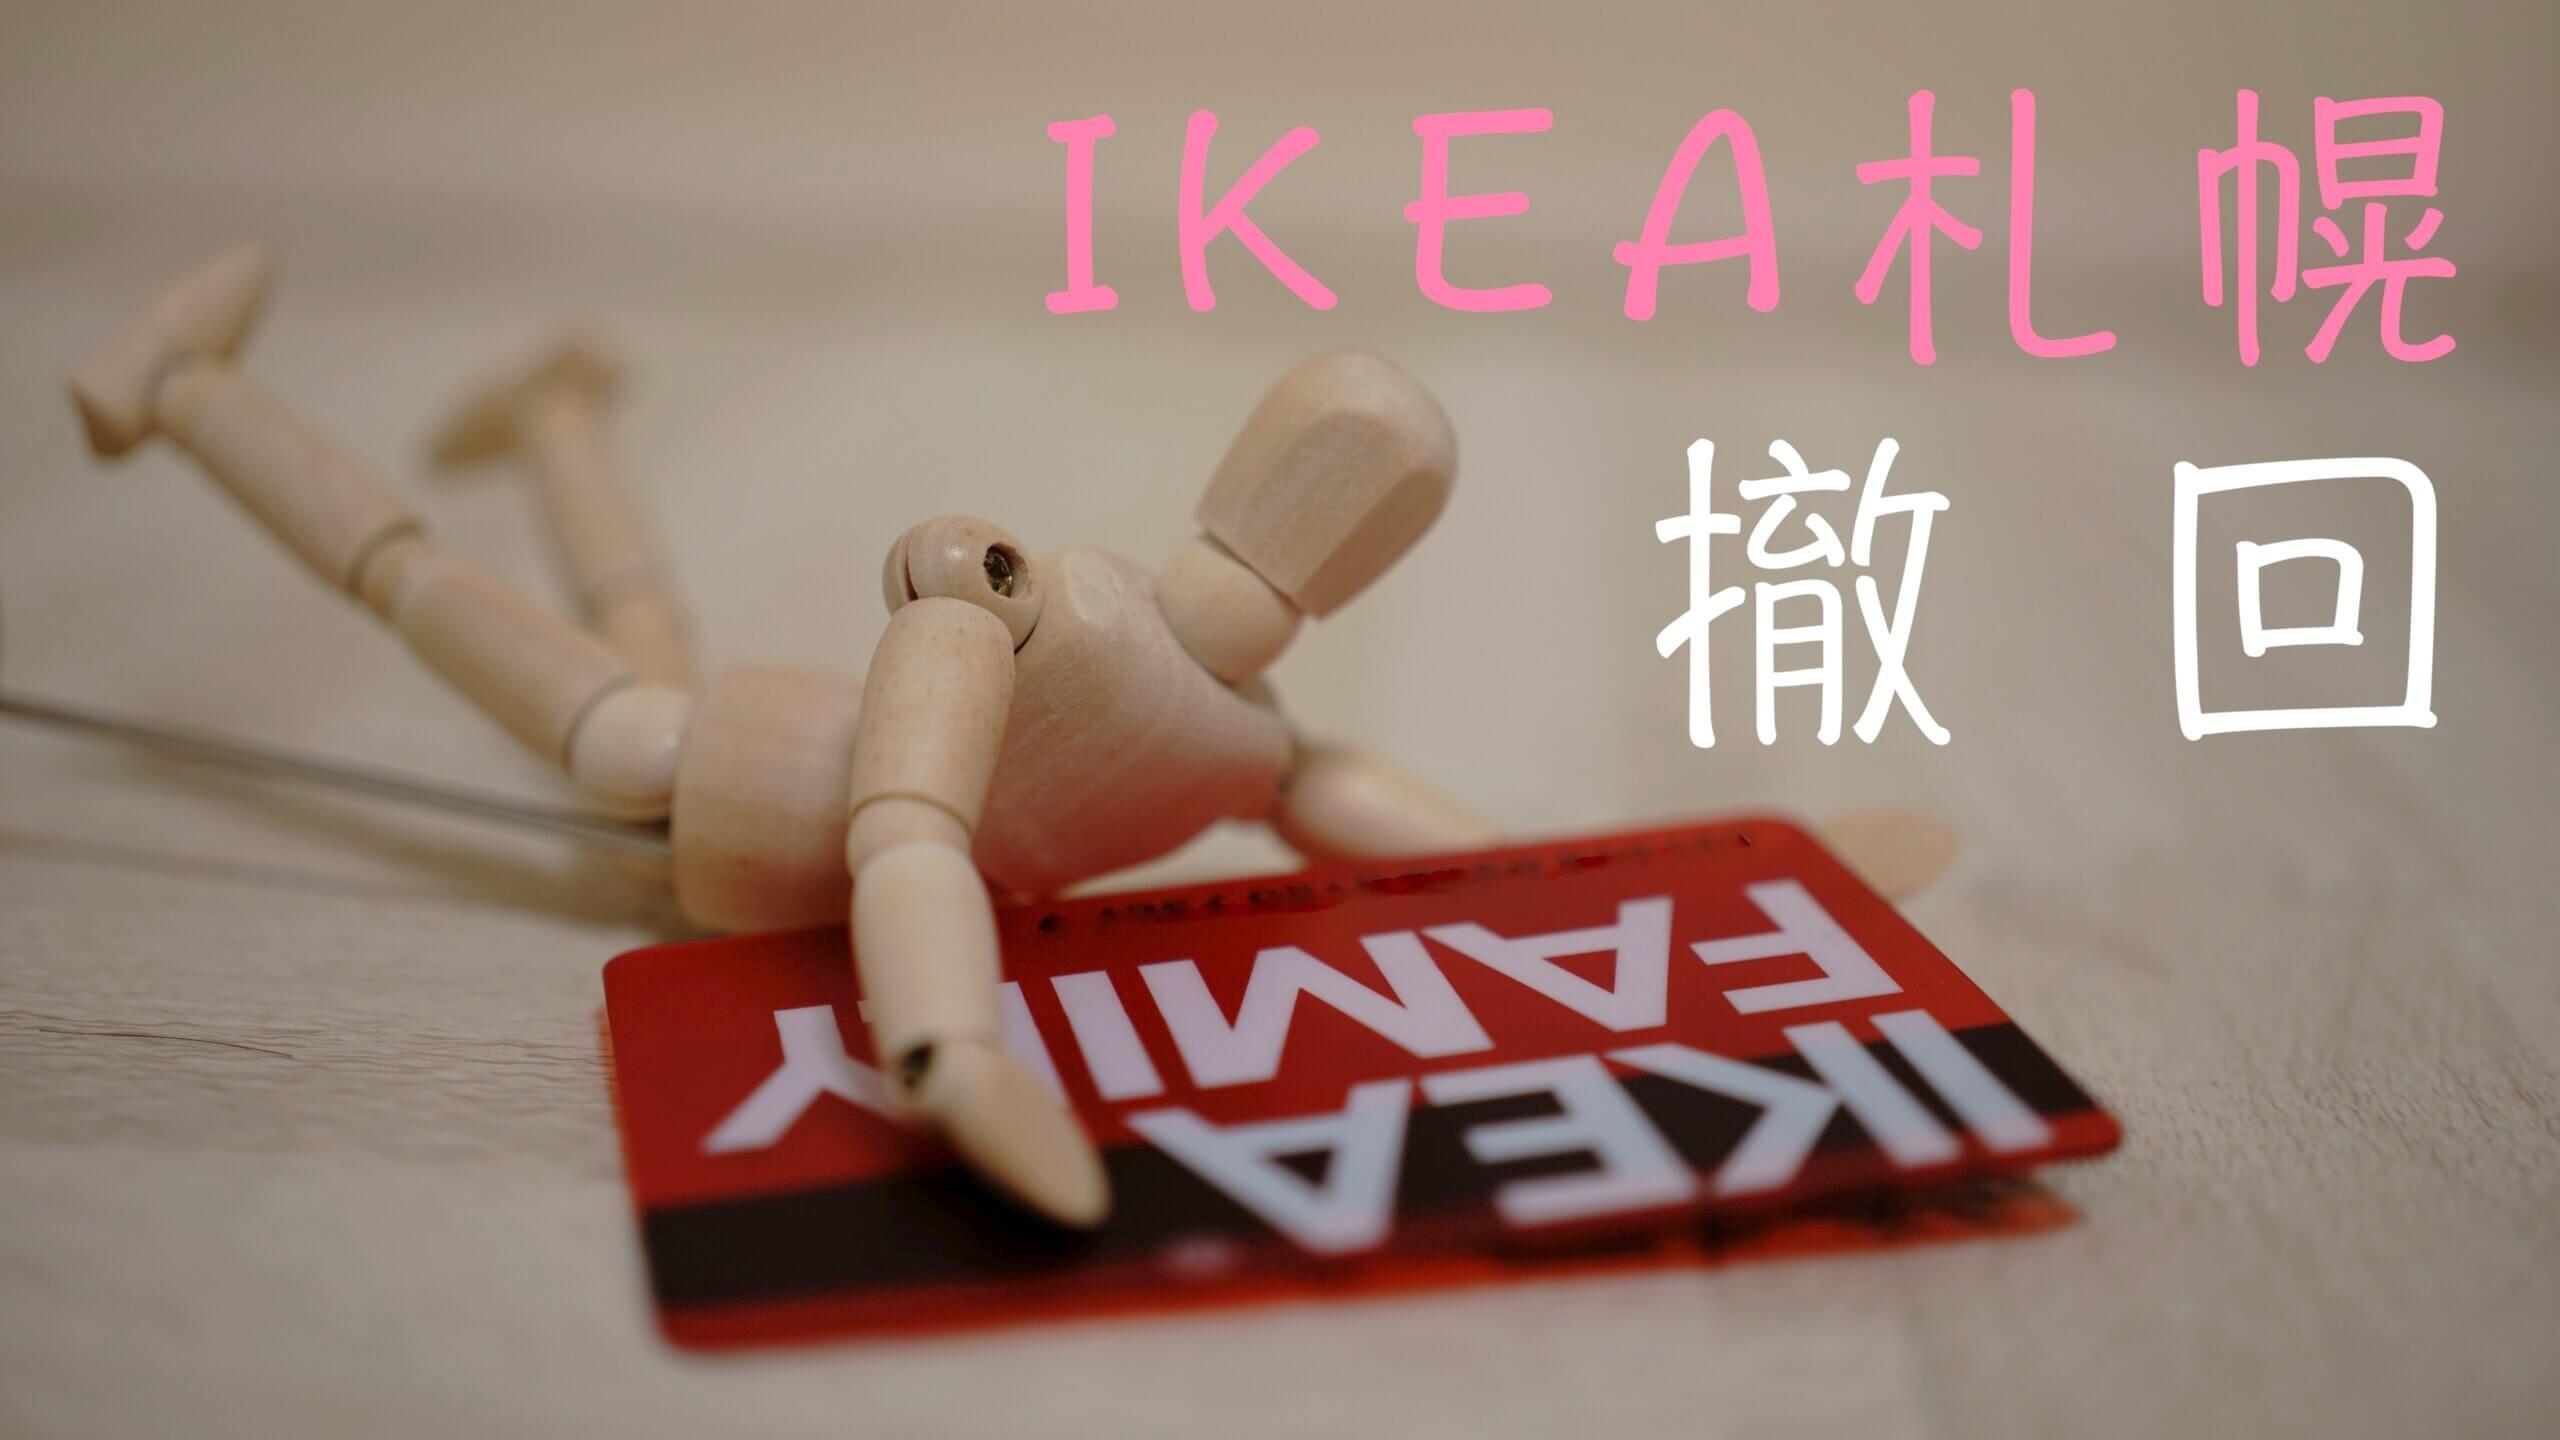 IKEA札幌